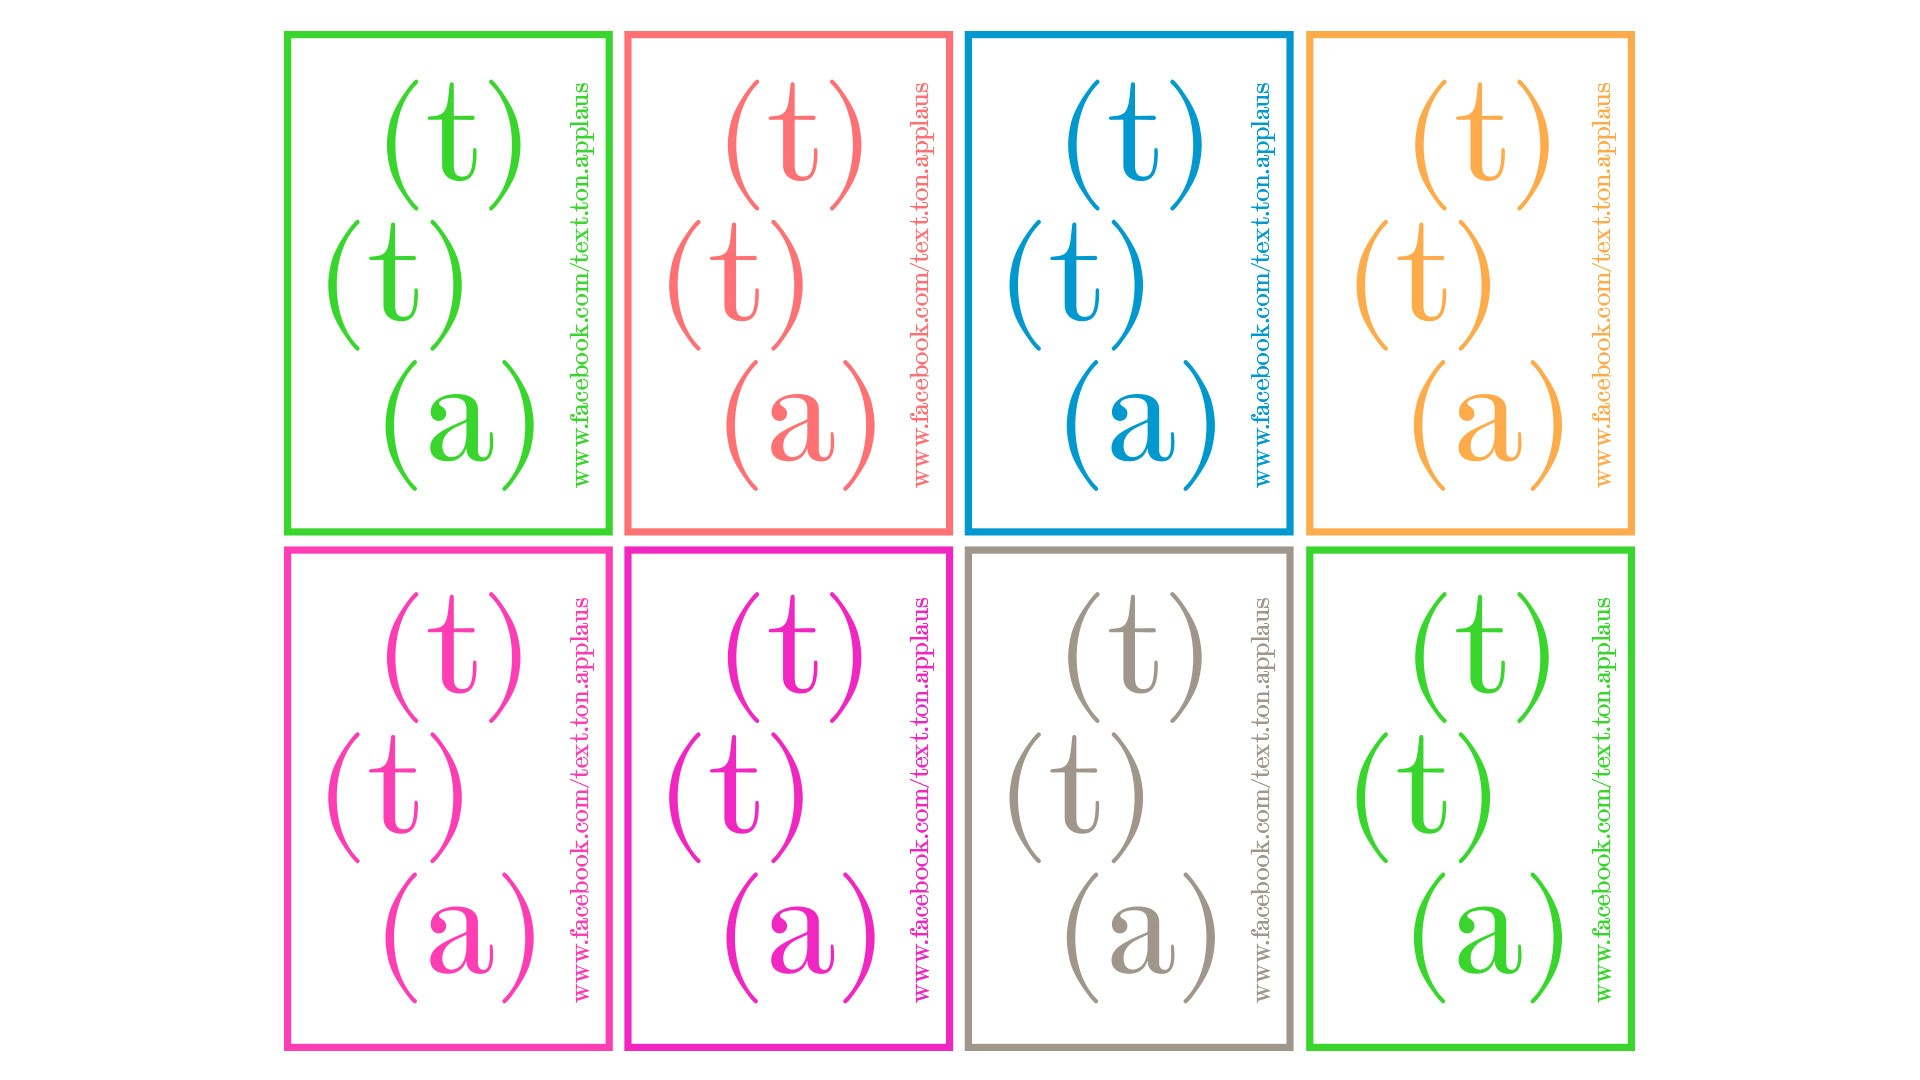 BUREAU KUEPPERS Identitätsentwicklung für Text, Ton, Applaus!